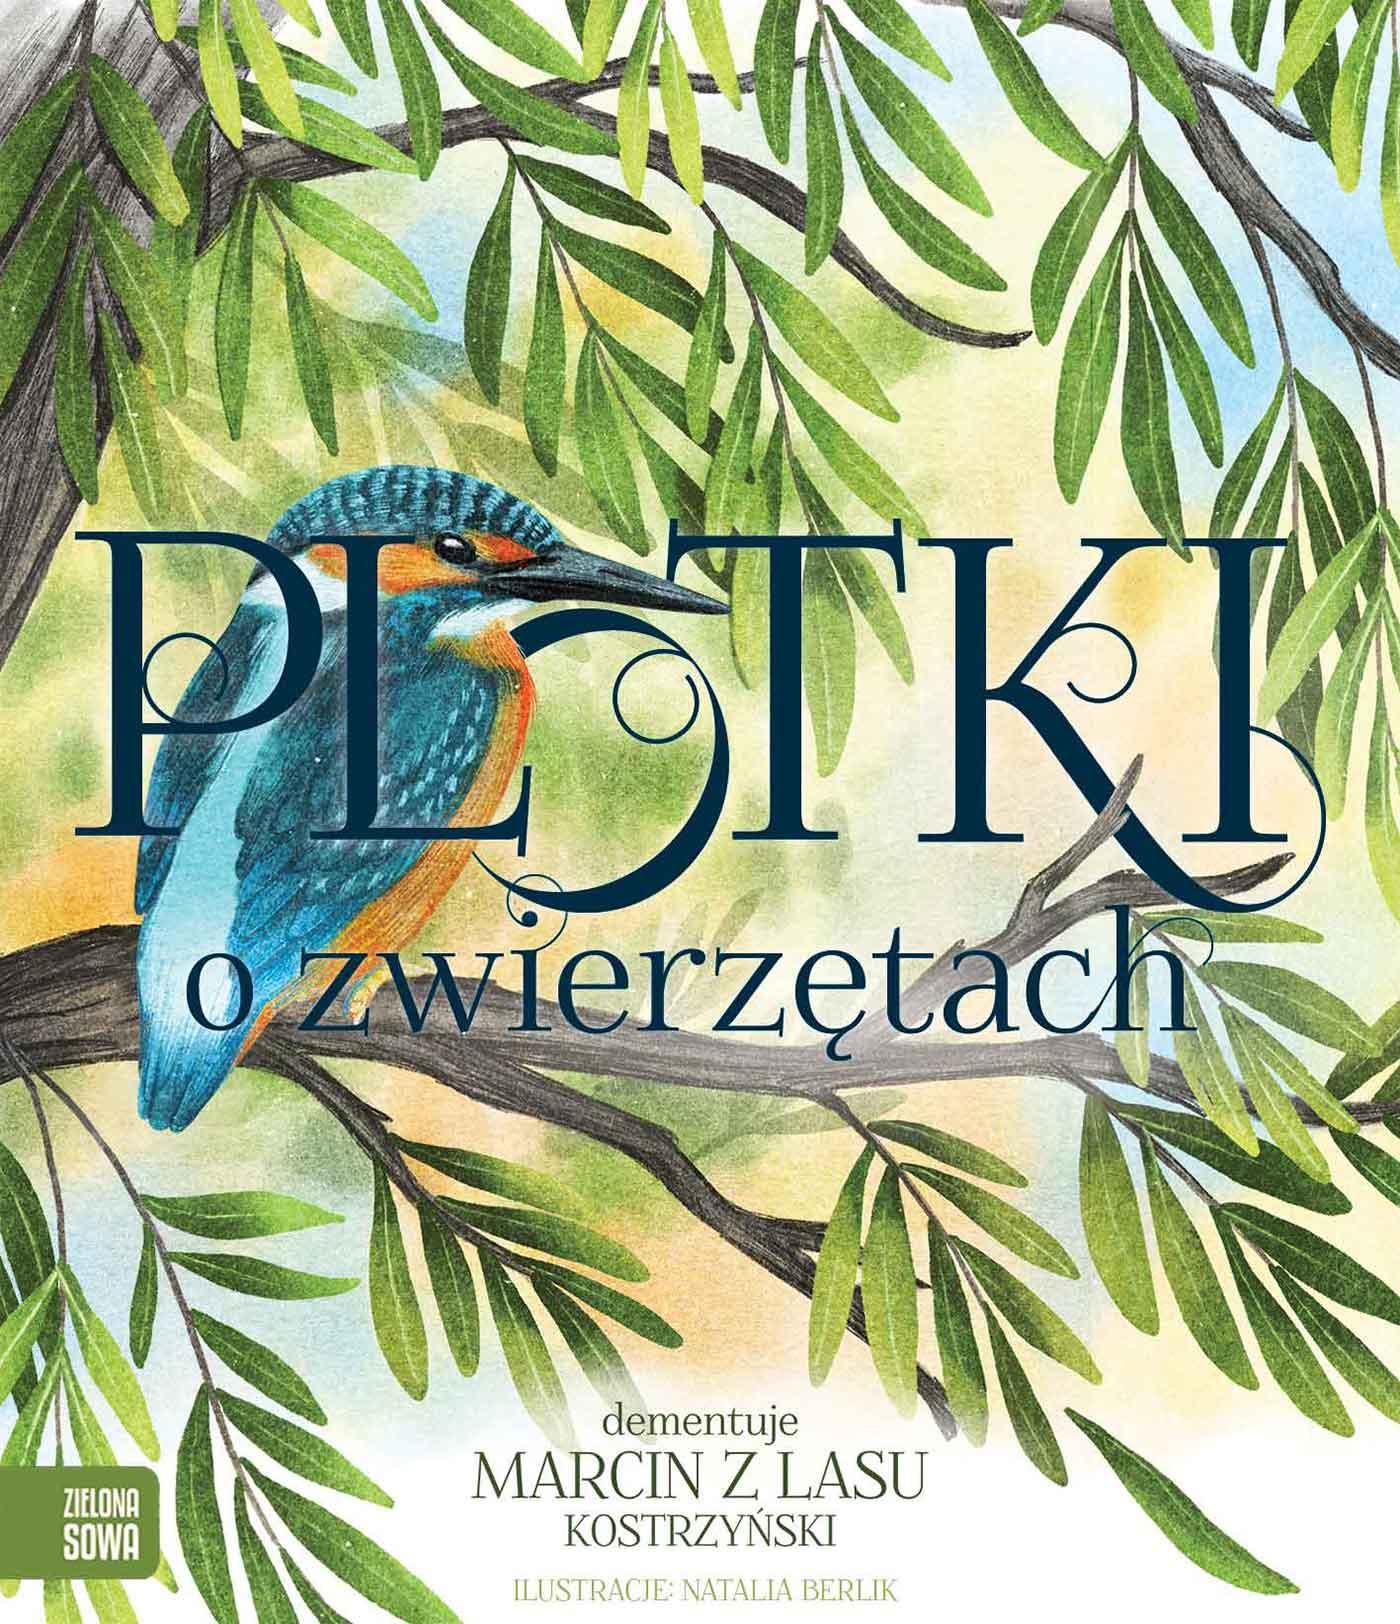 Plotki o zwierzętach - kolejna książka Marcina z Lasu